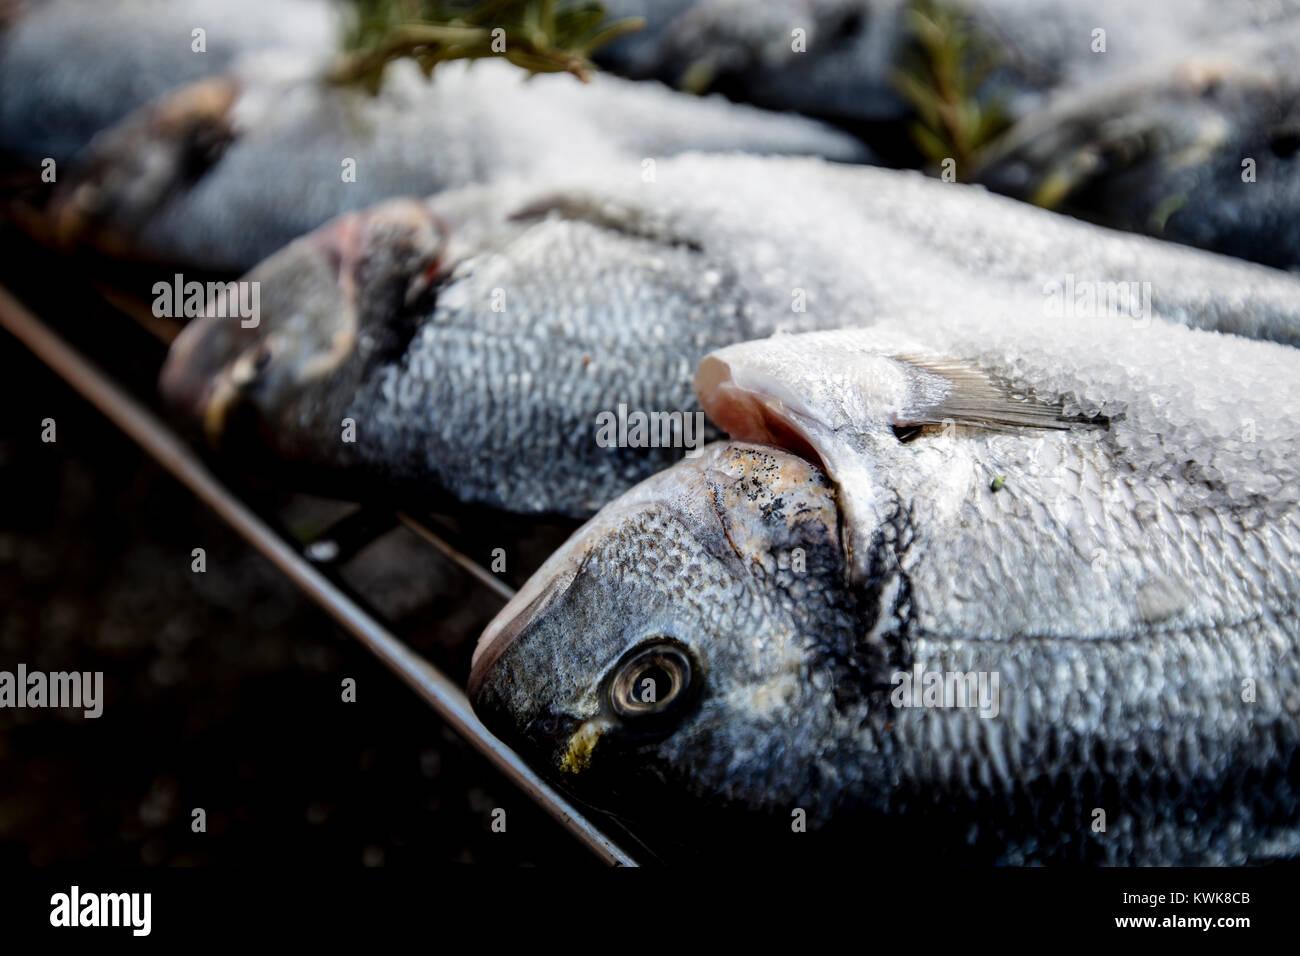 Die Gourmet-küche. Fisch und vegetarischen Zutaten, Fisch, Grill, Avocado. Stockbild